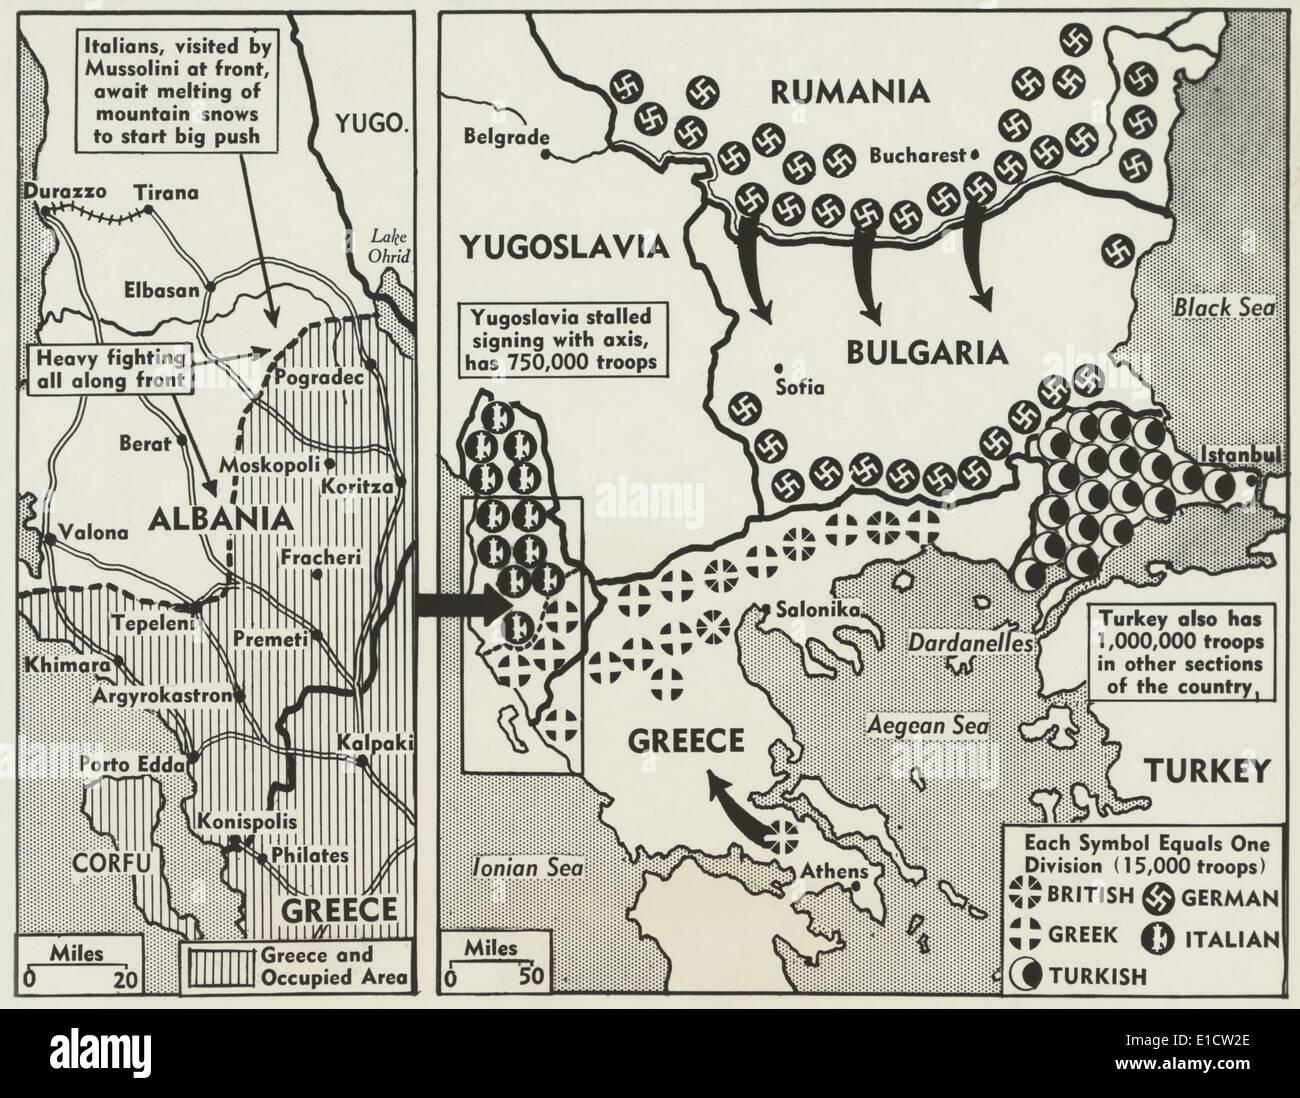 Karte Griechenland Deutsch.2 Weltkrieg Karte Von Griechenland Und Dem Balkan 1941